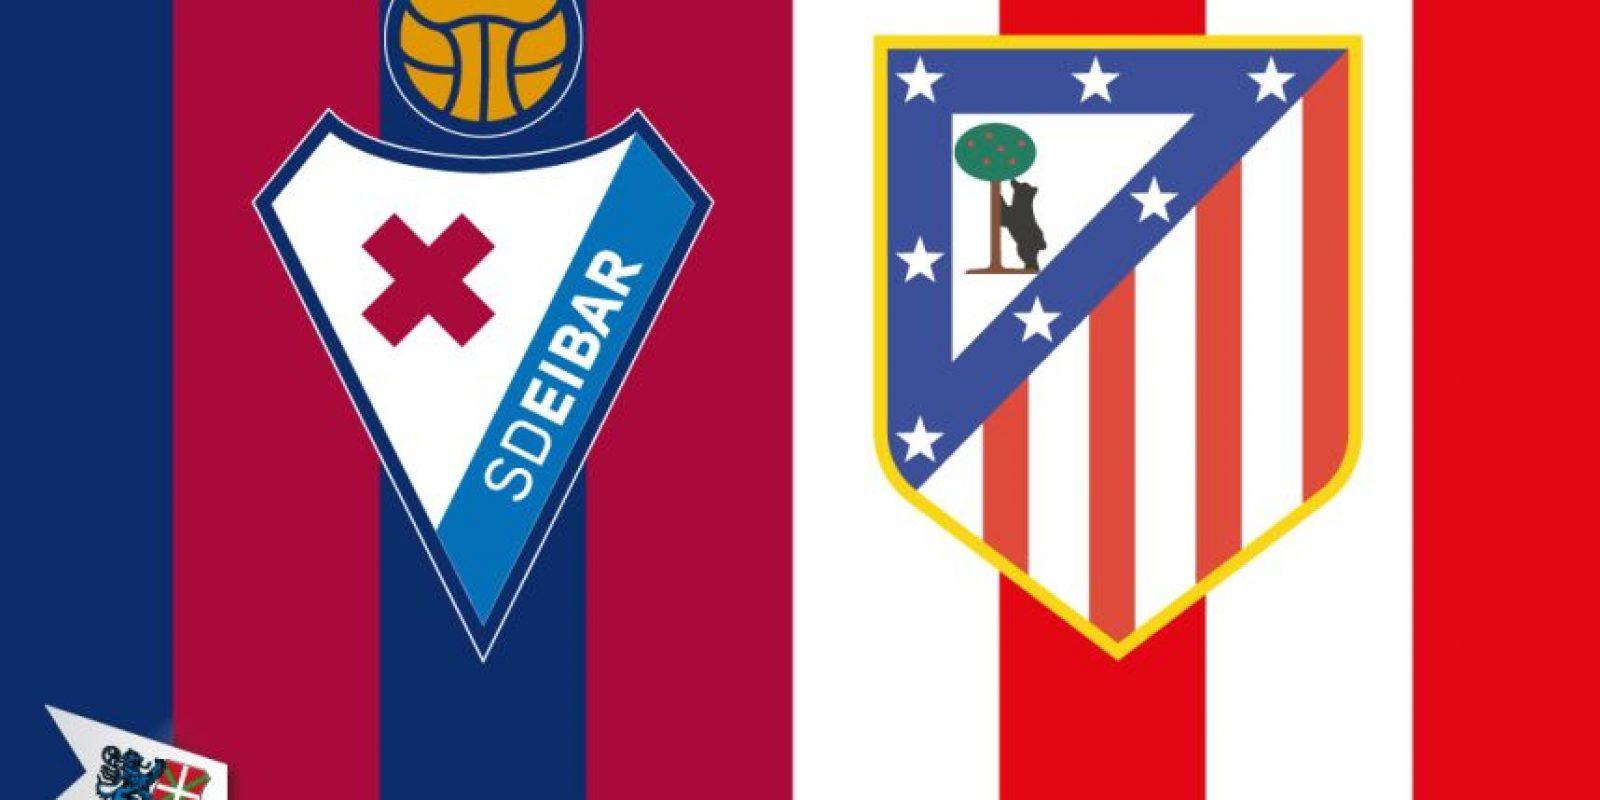 El club español anunció que donará cinco euros de cada entrada vendida para el partido ante el Atlético de Madrid, del próximo 19 de septiembre en Ipurua. Foto:Vía facebook.com/sdeibar